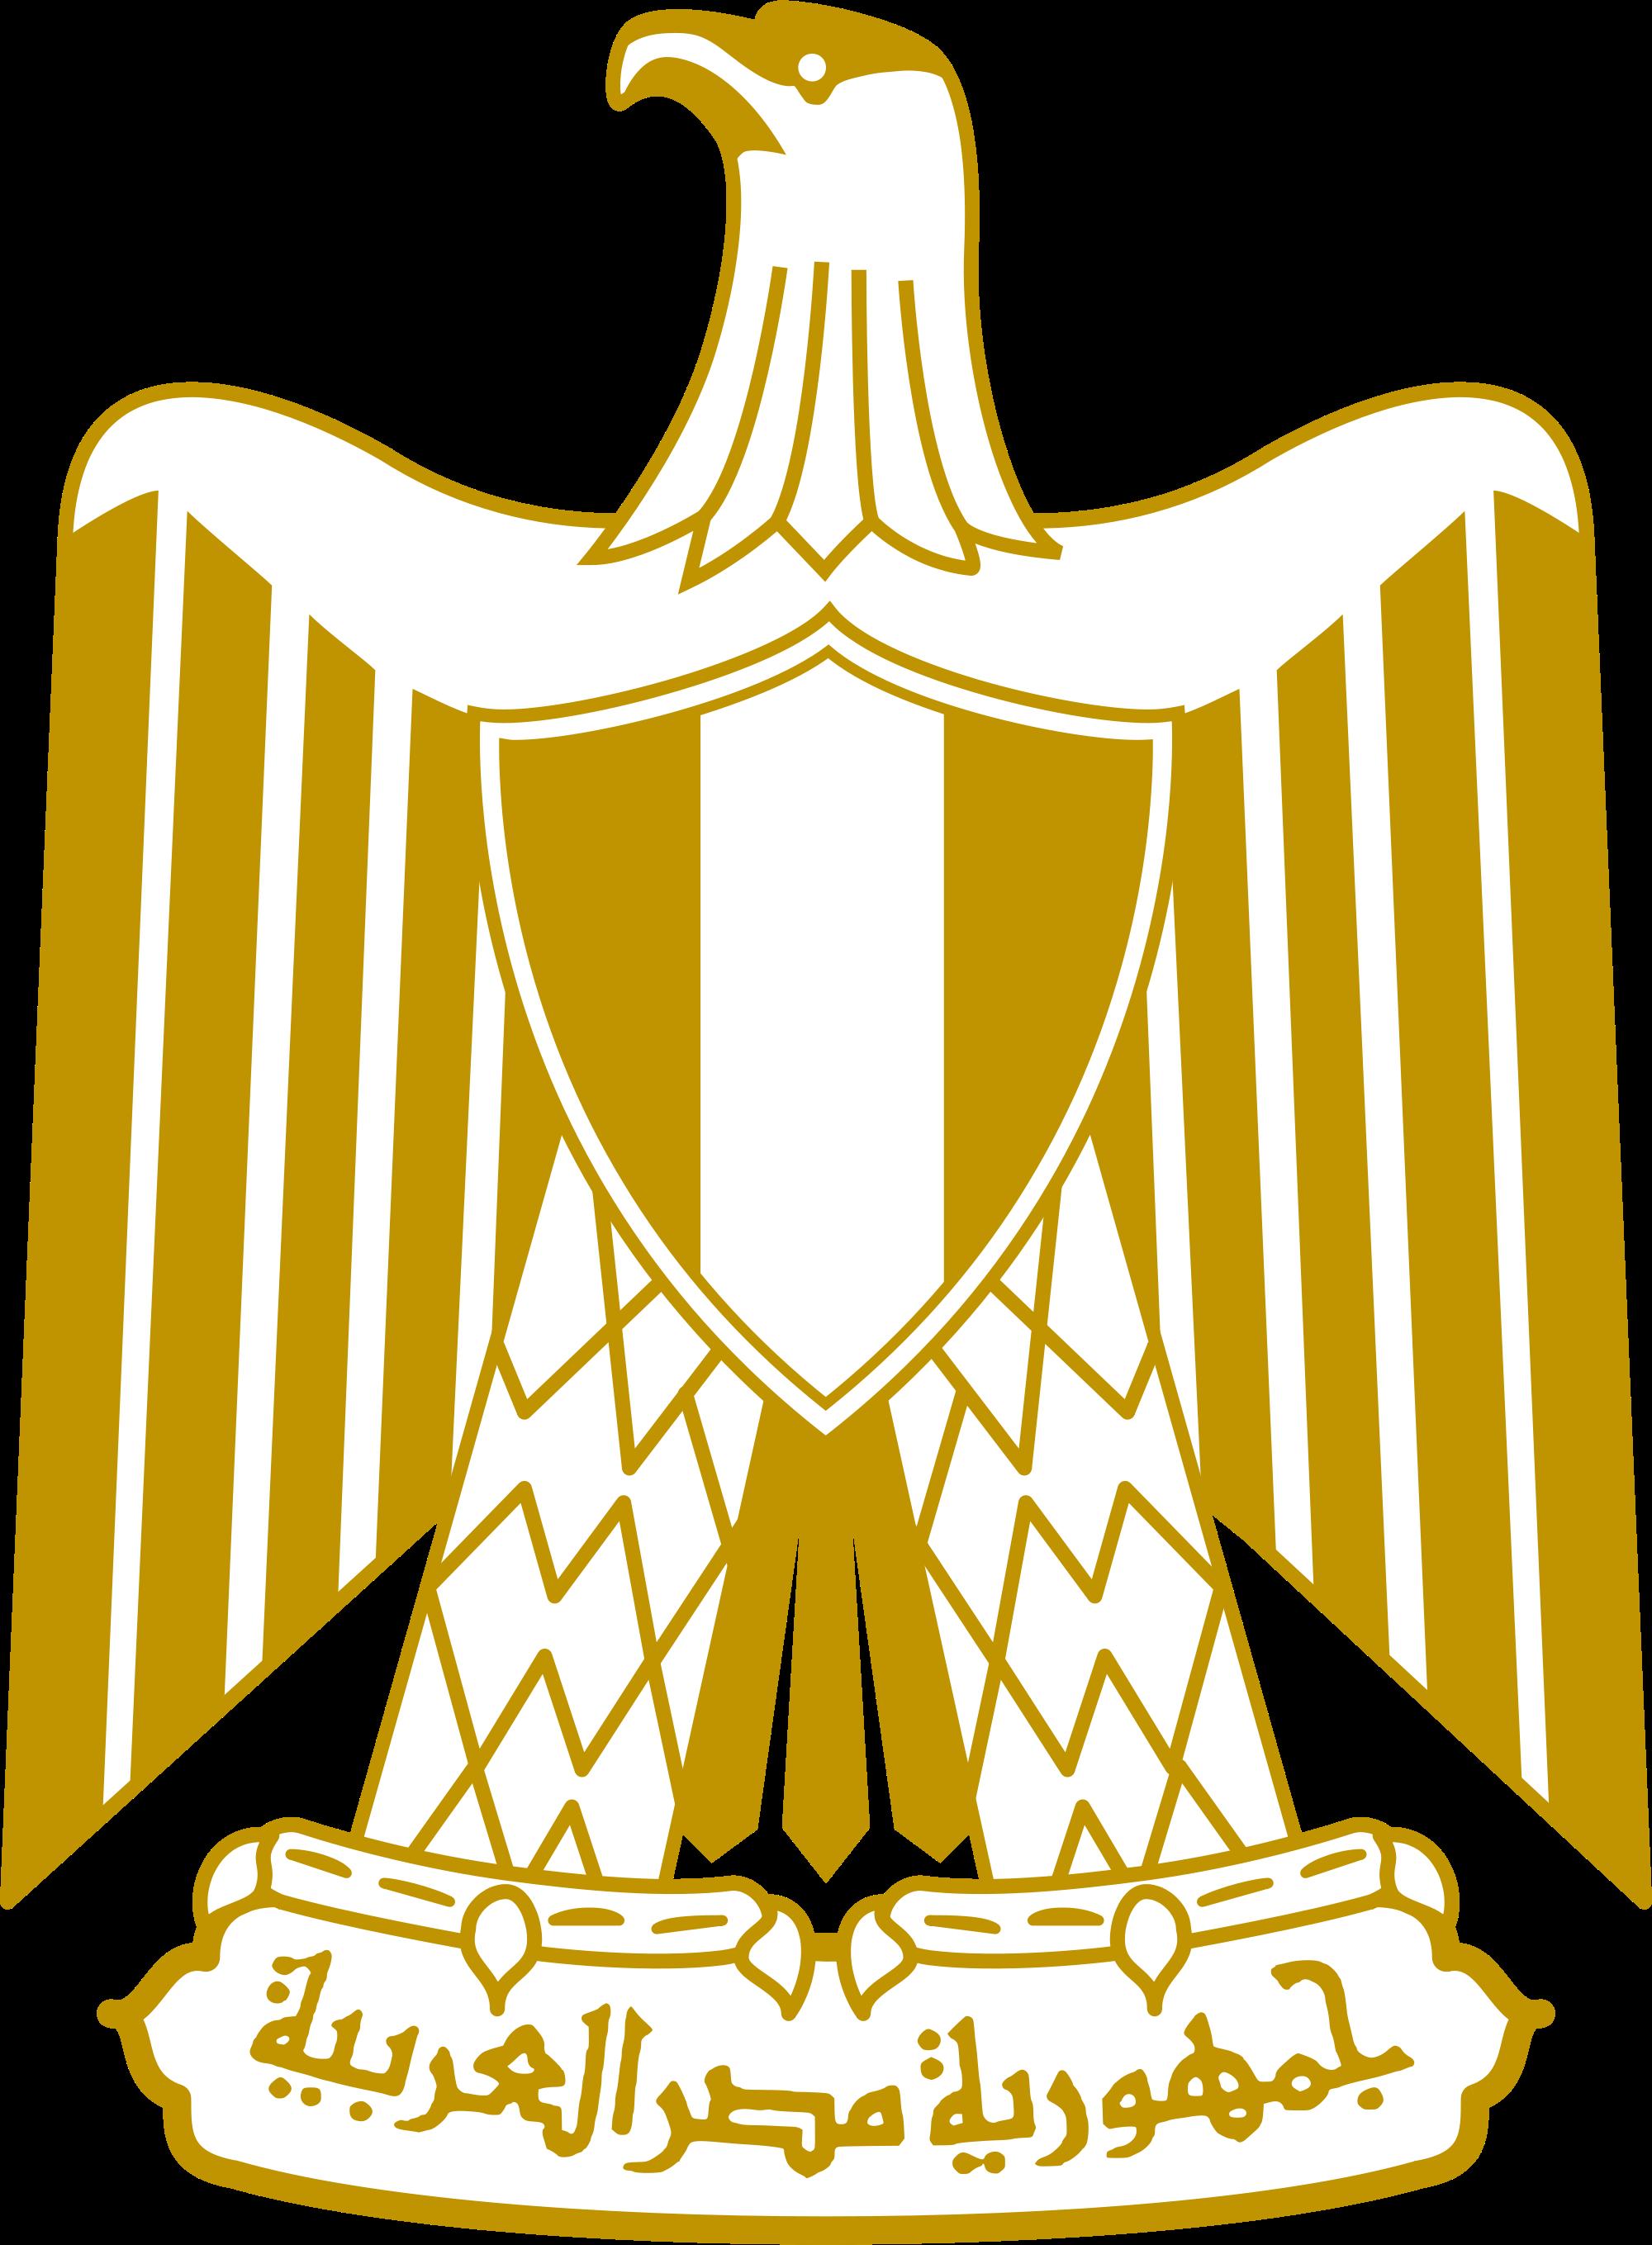 صور في مصر (1)